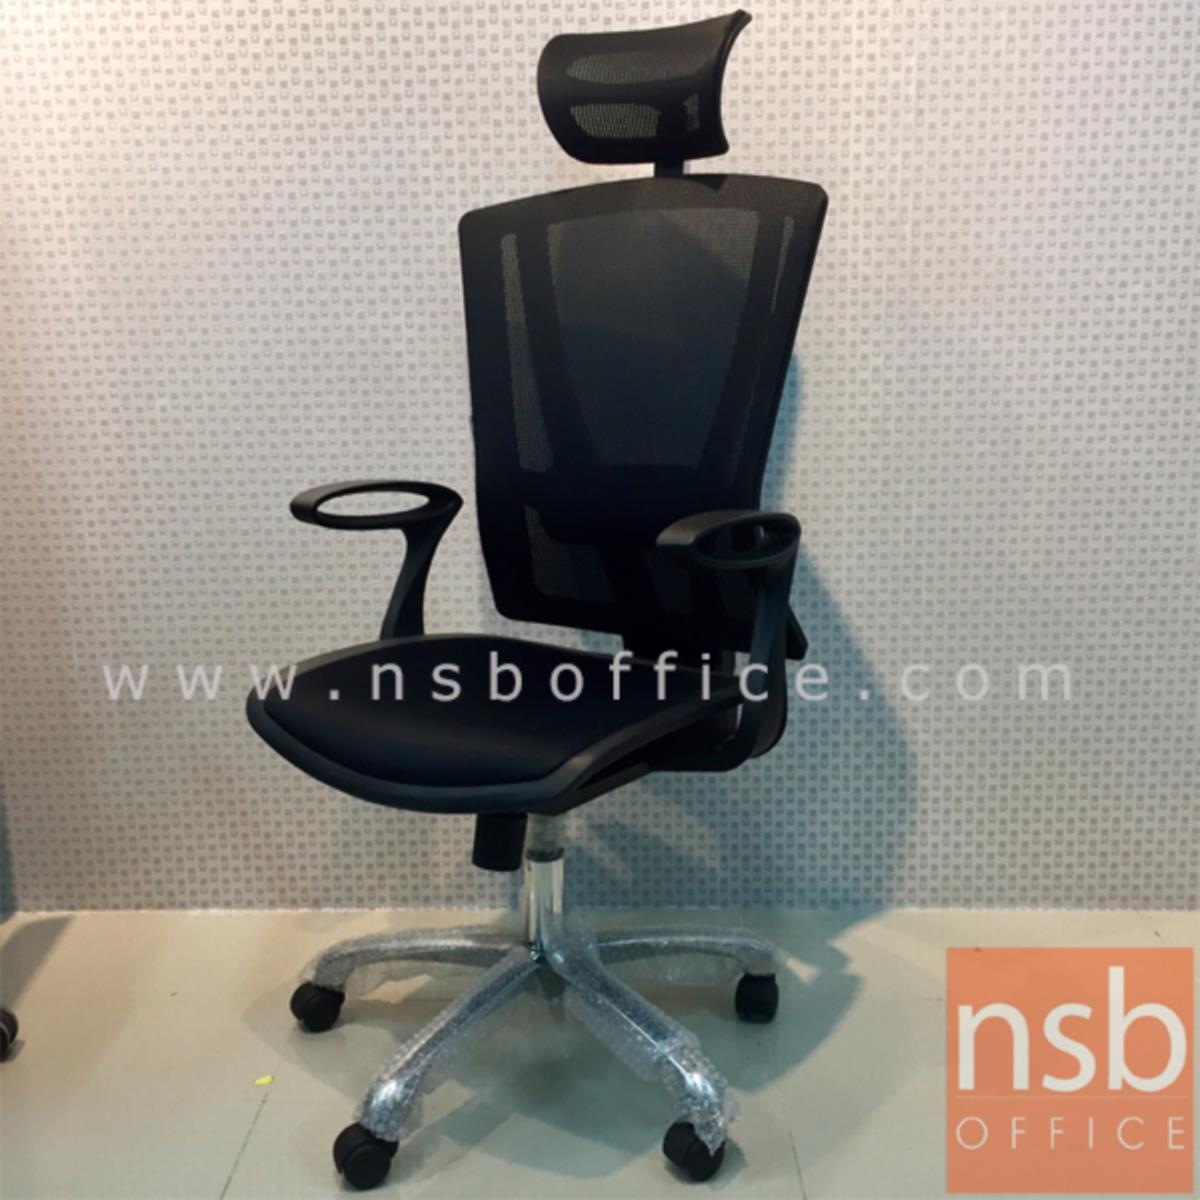 เก้าอี้ผู้บริหารหลังเน็ต รุ่น Walter (วอลเตอร์)  โช๊คแก๊ส มีก้อนโยก ขาเหล็กชุบโครเมี่ยม